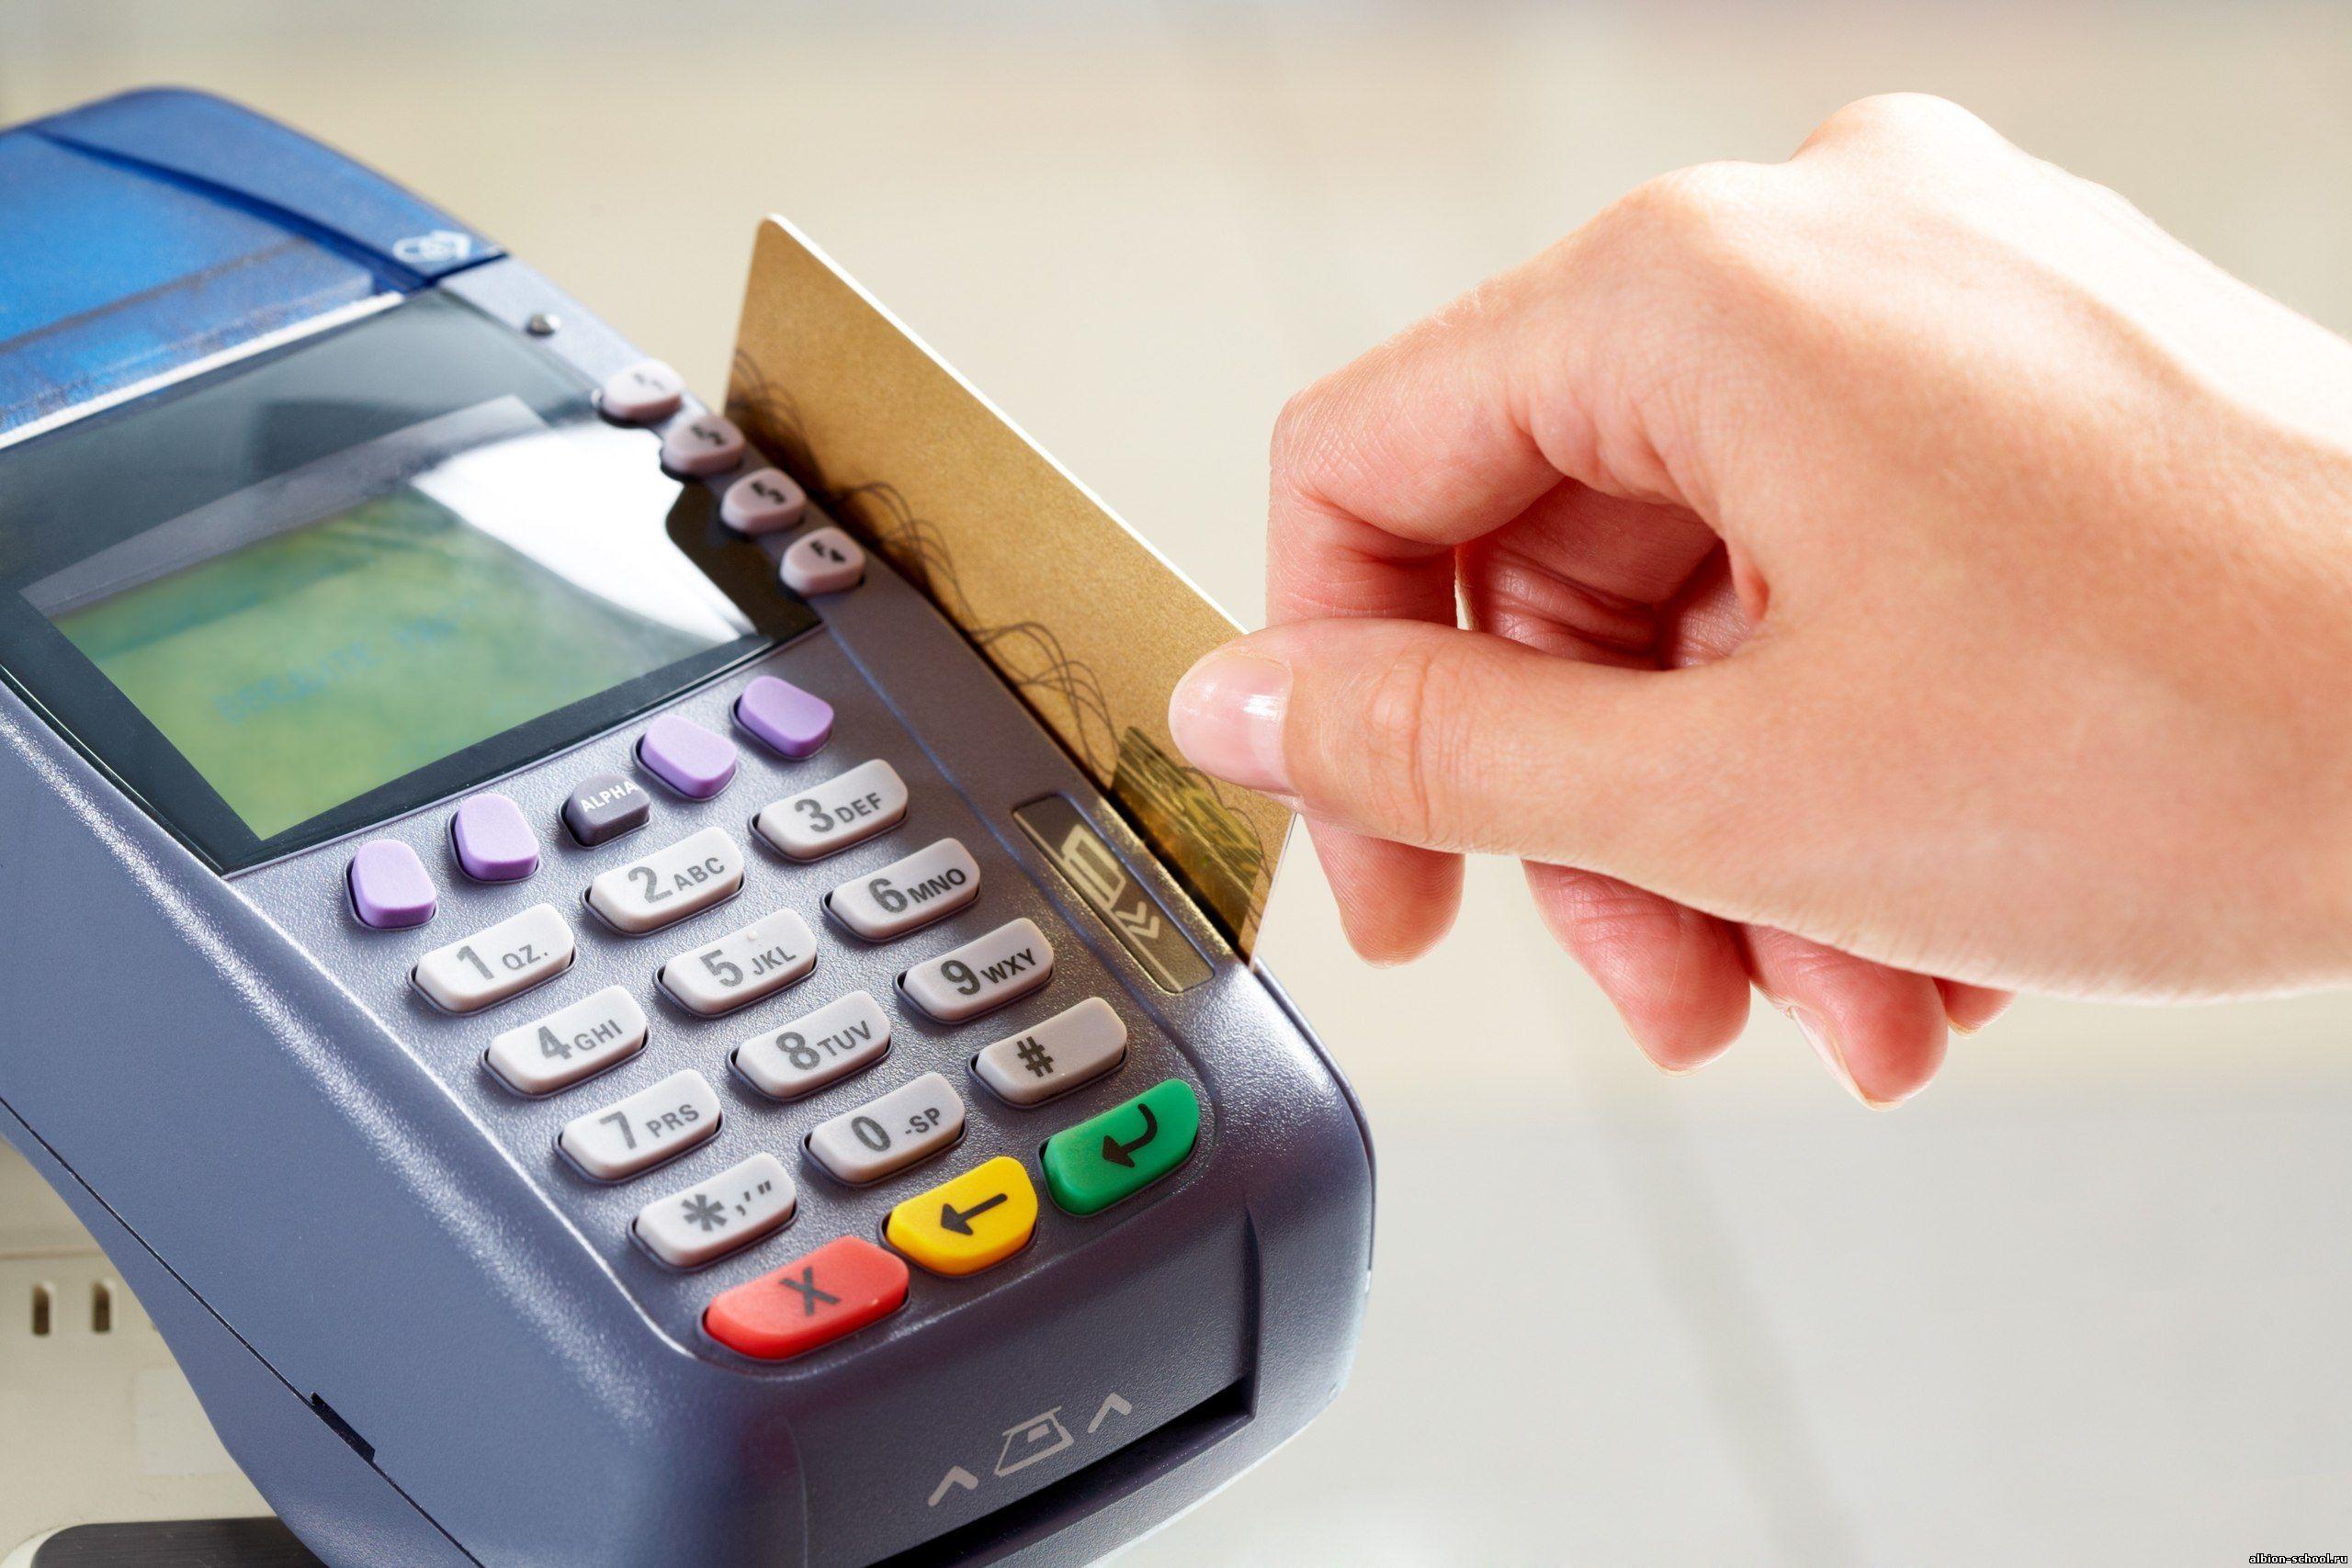 Обеспечение защиты информации при осуществлении денежных переводов через Интернет